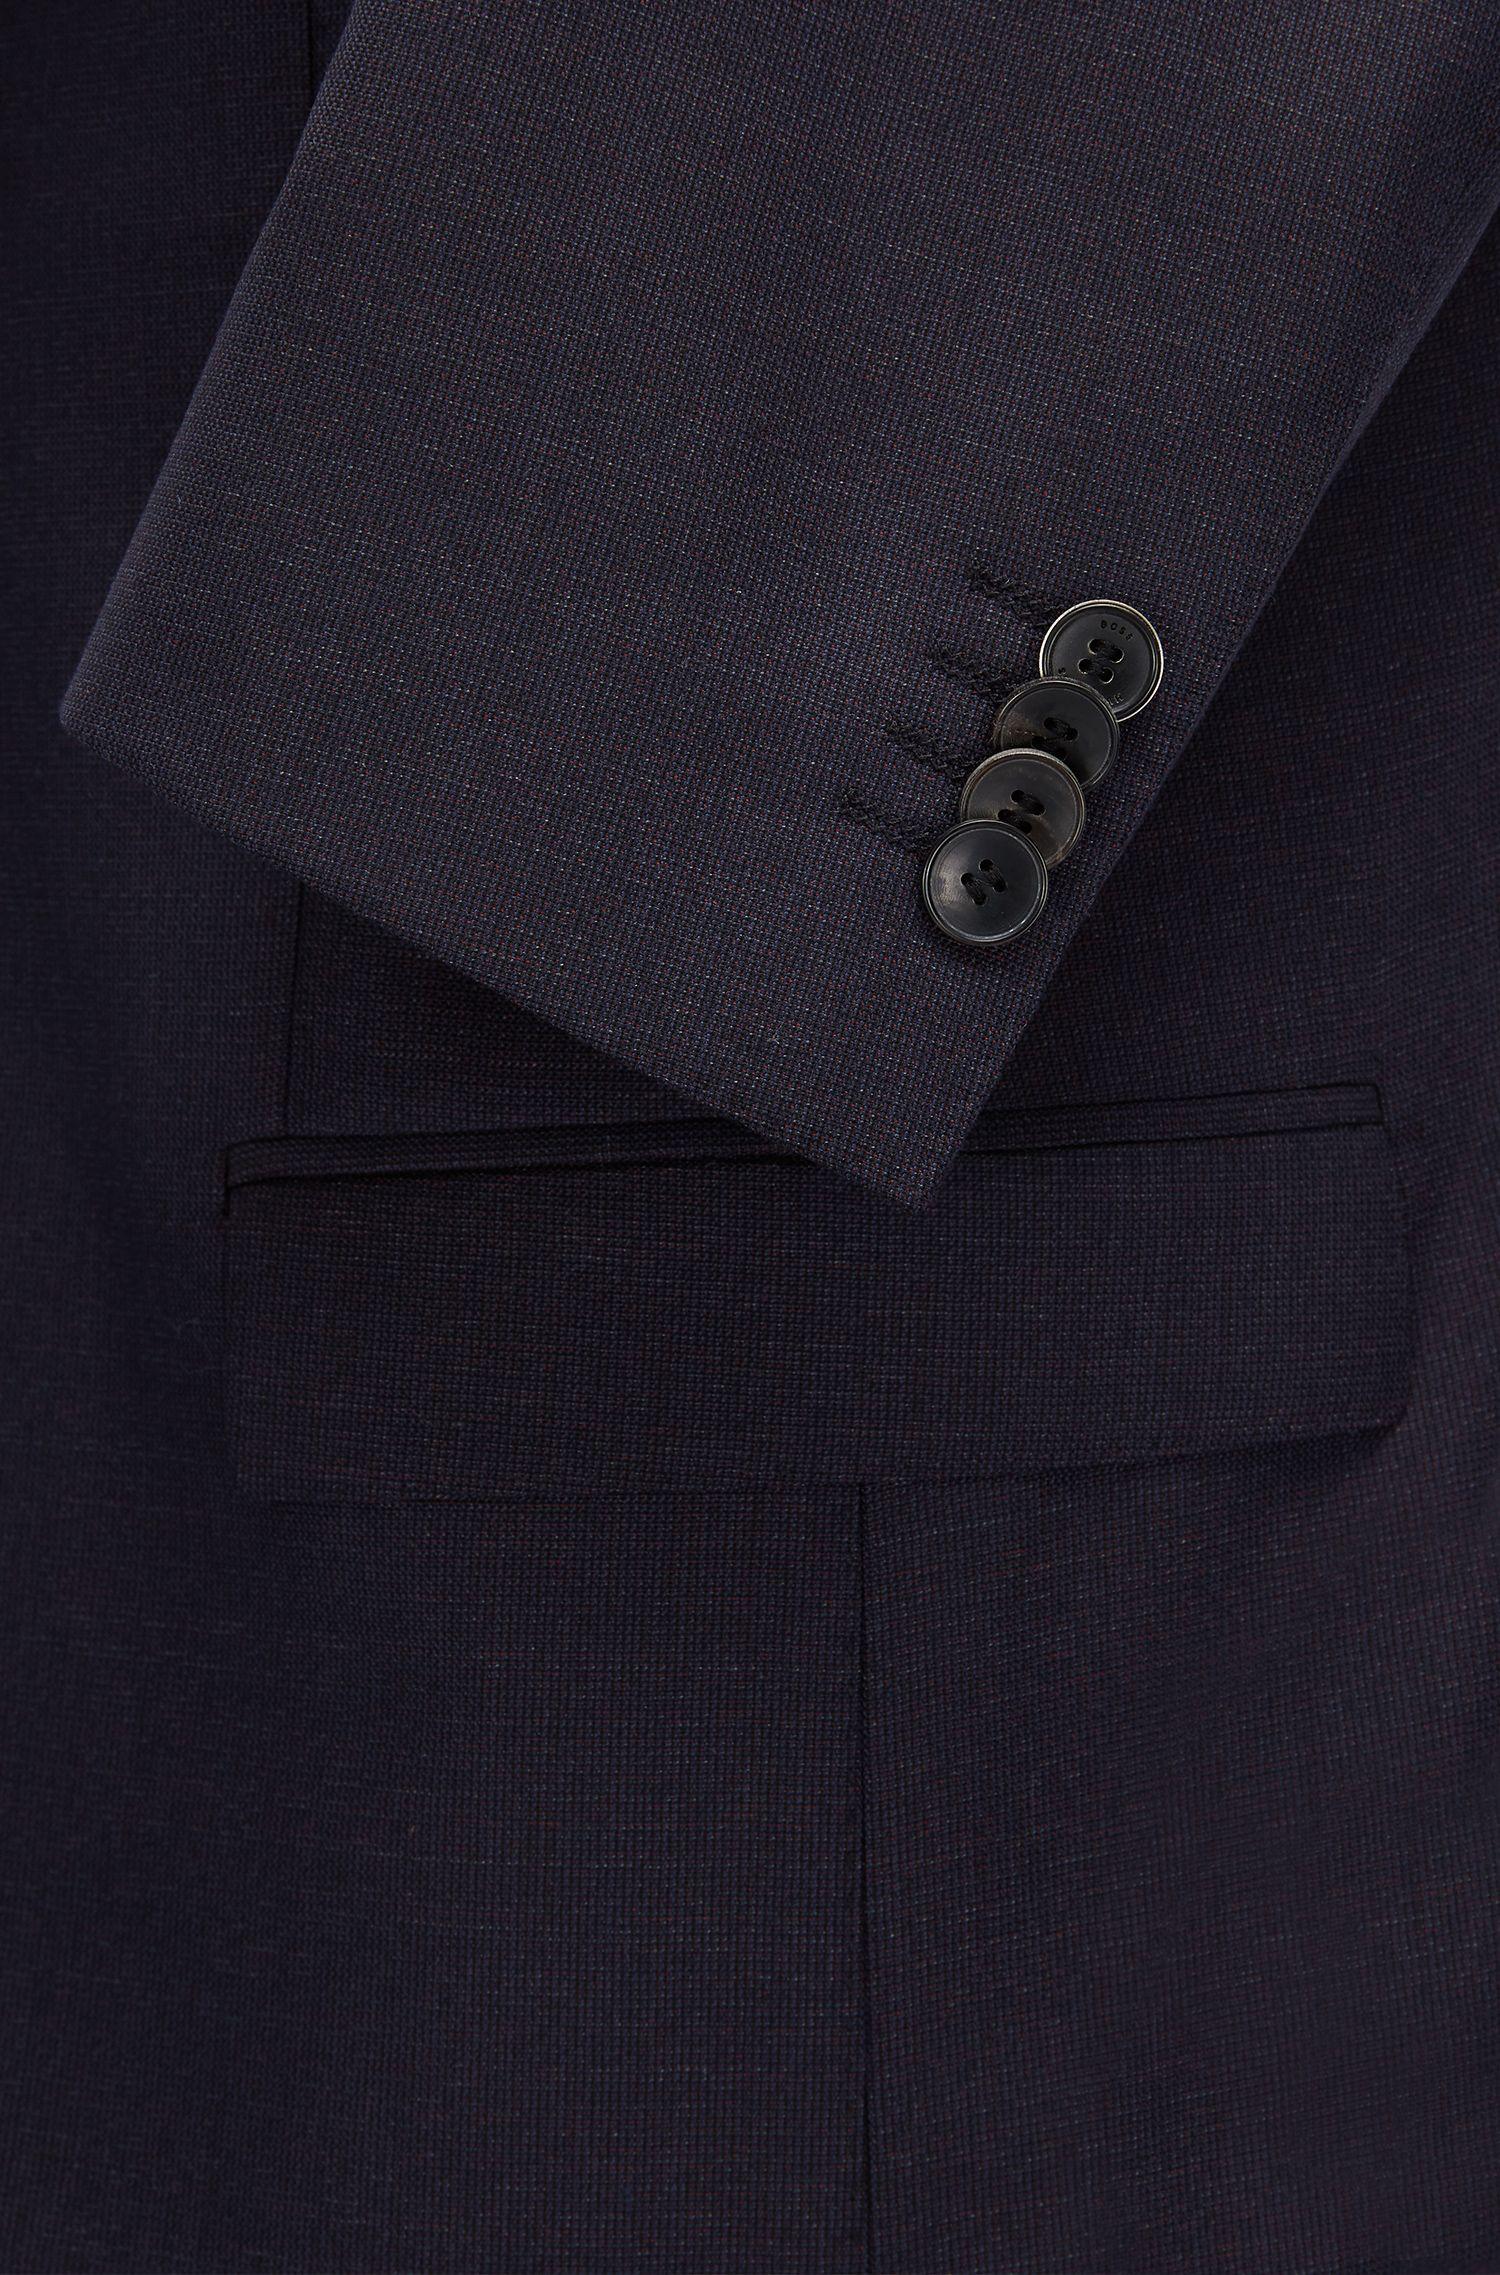 Italian Virgin Wool Suit, Extra Slim Fit | Reyno/Wave